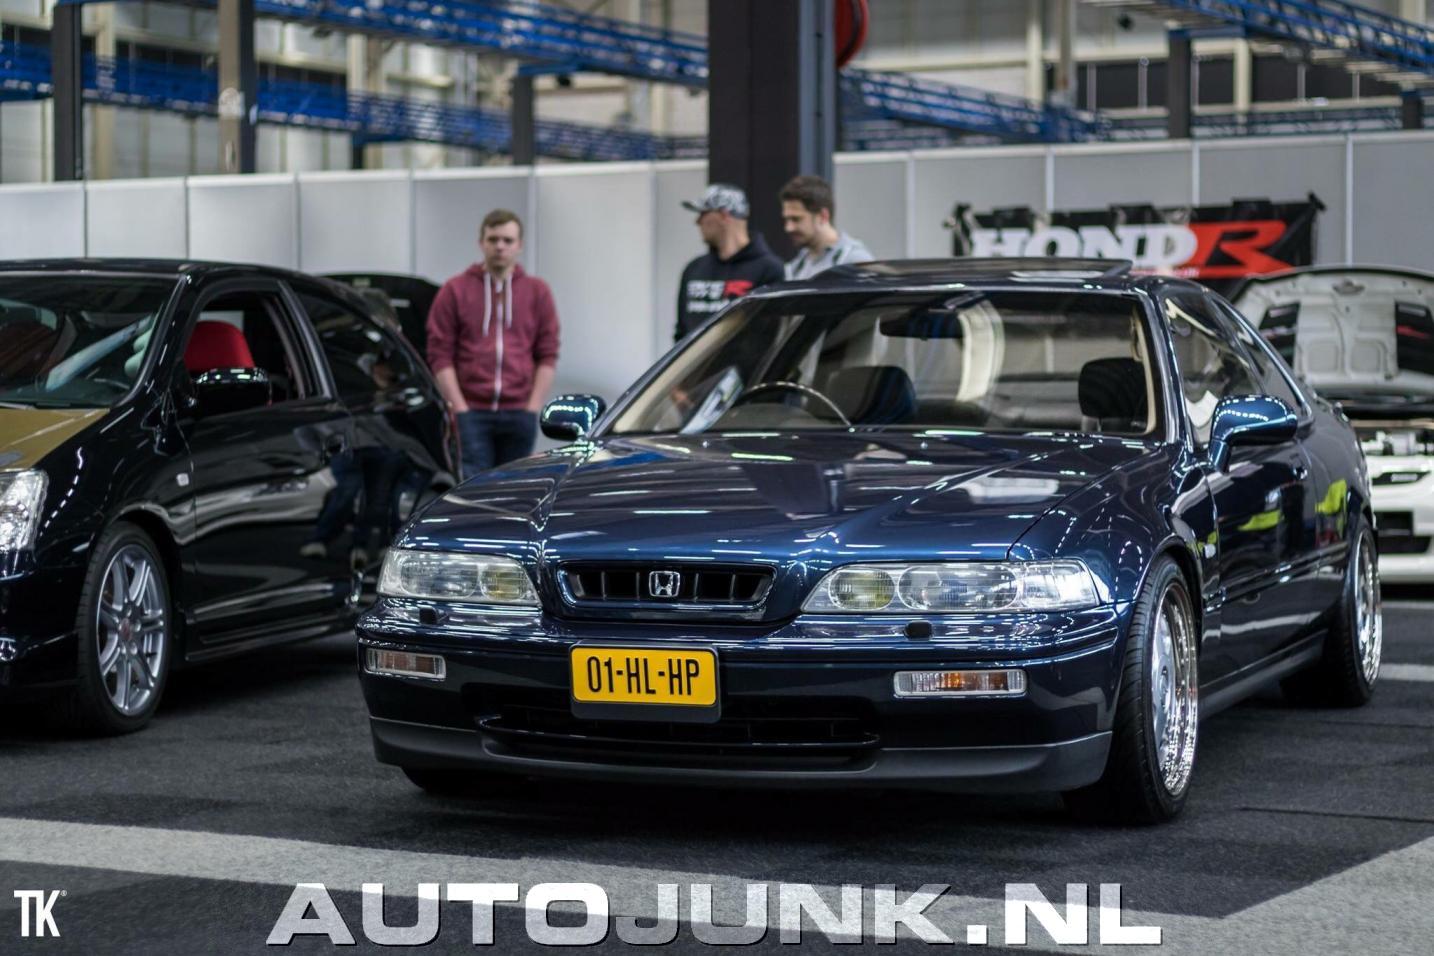 Honda Legend Coupe foto's » Autojunk.nl (217481)